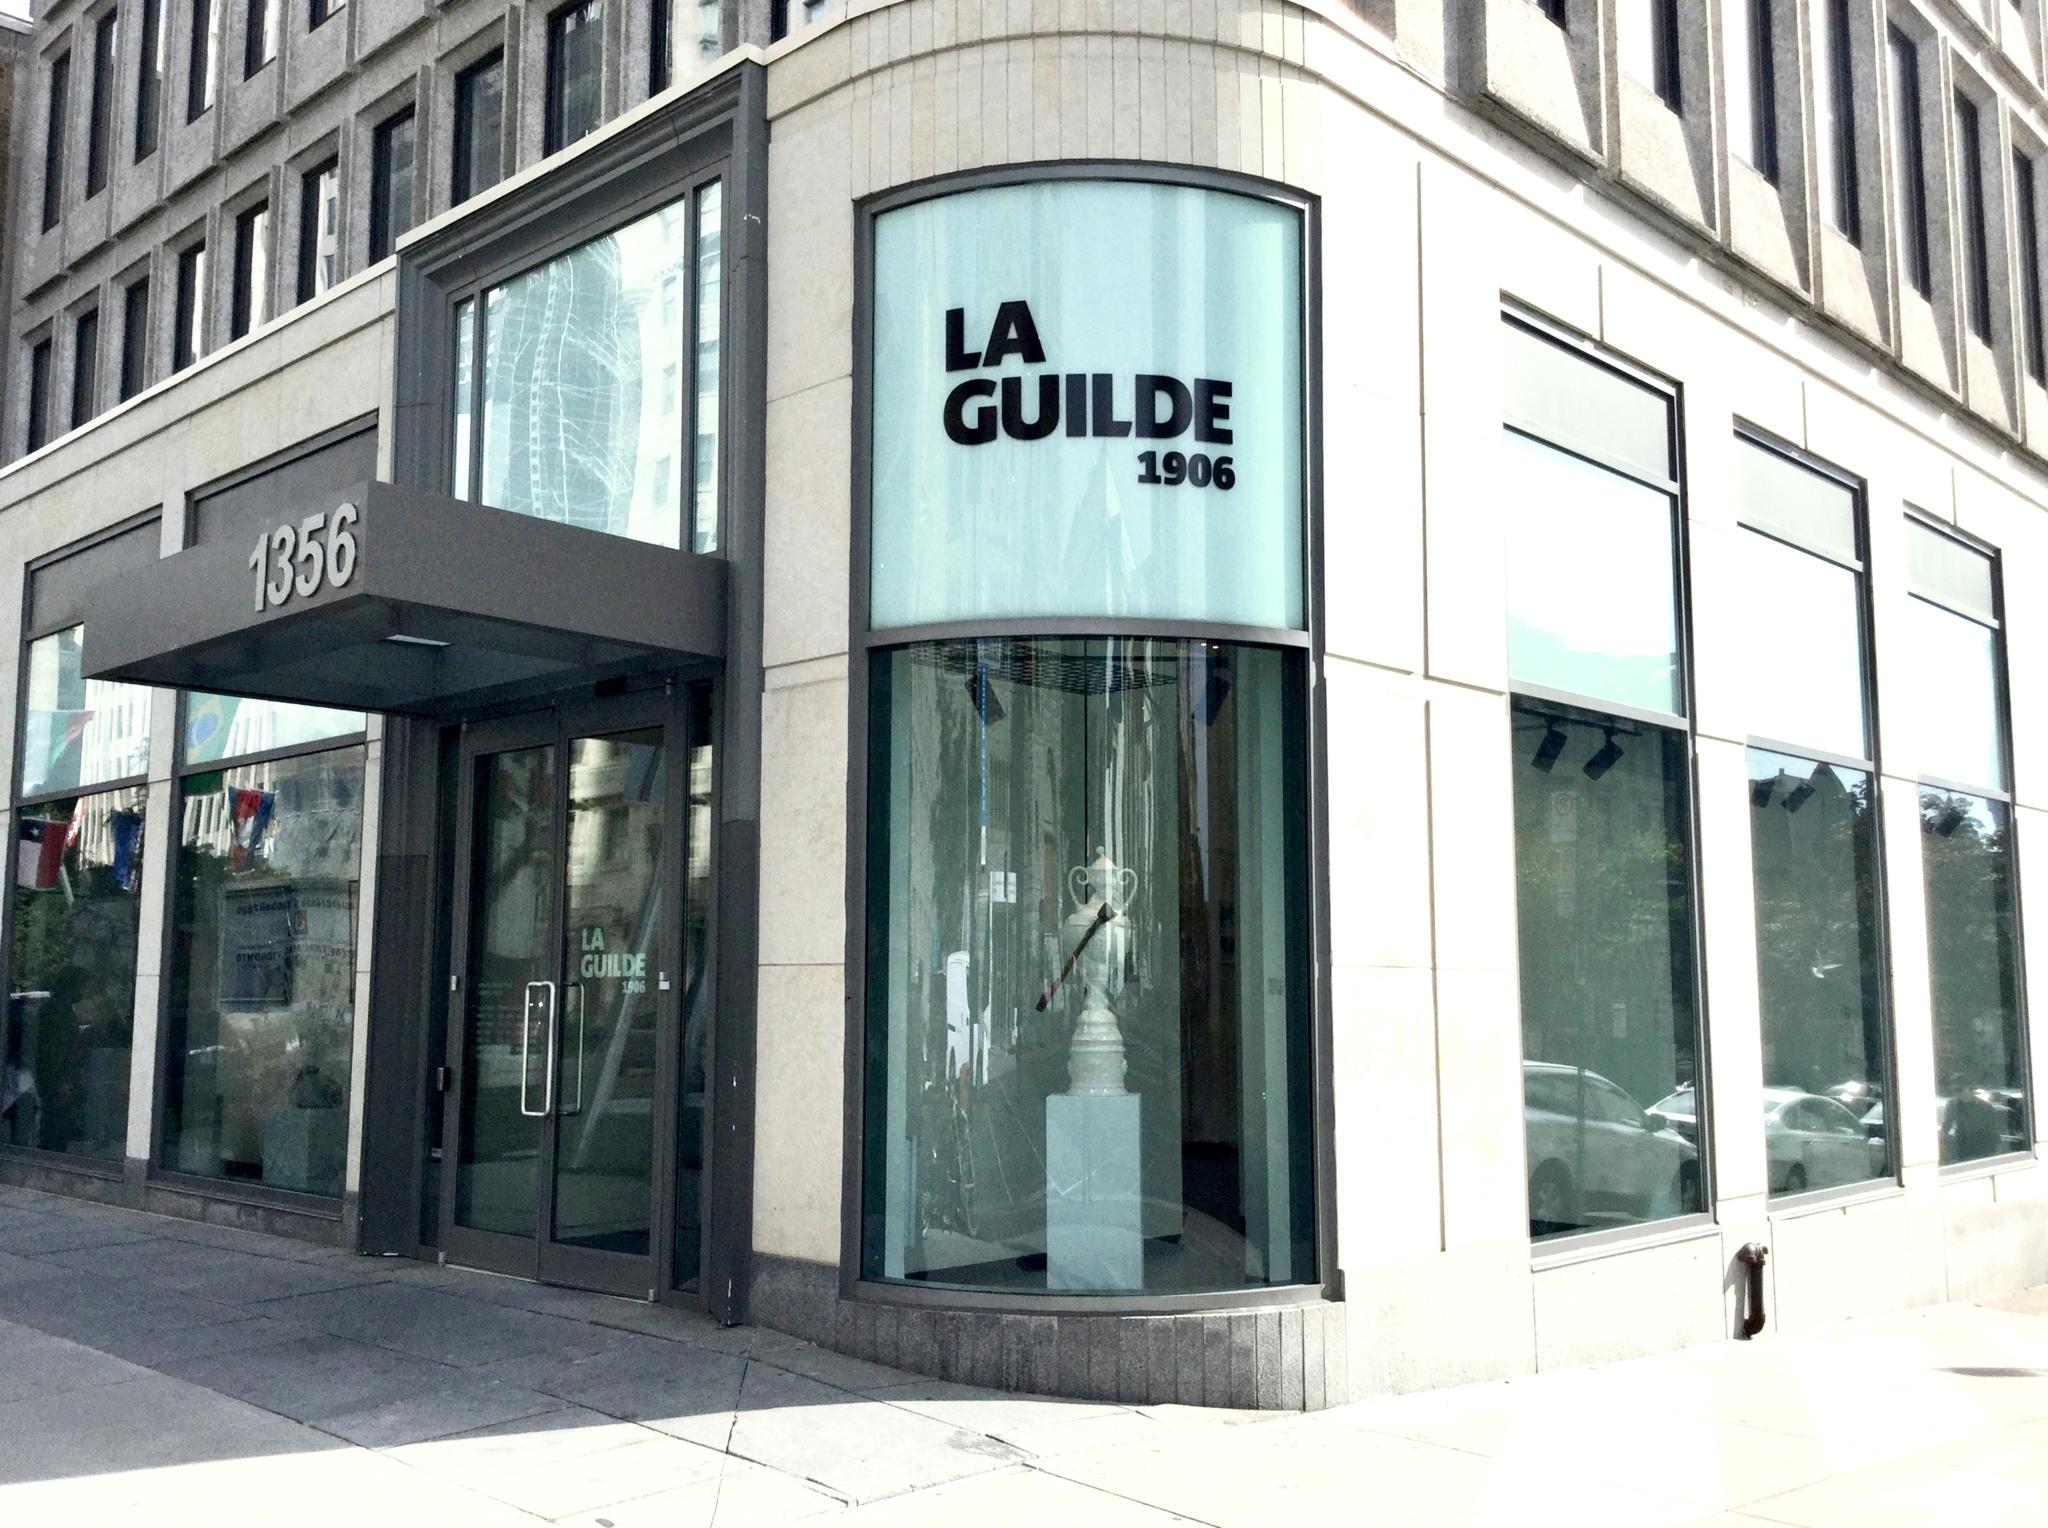 La Guilde in Montréal